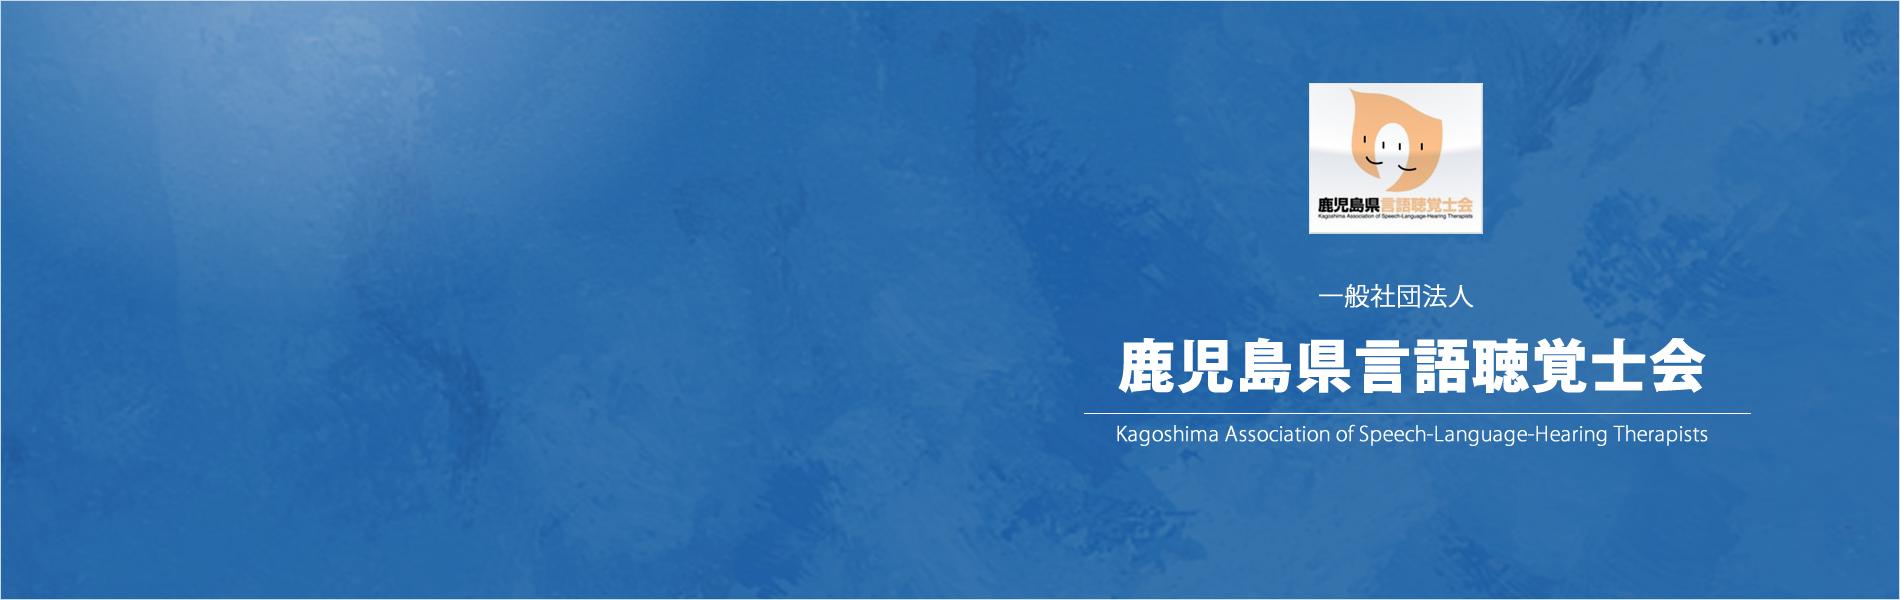 鹿児島県言語聴覚士会